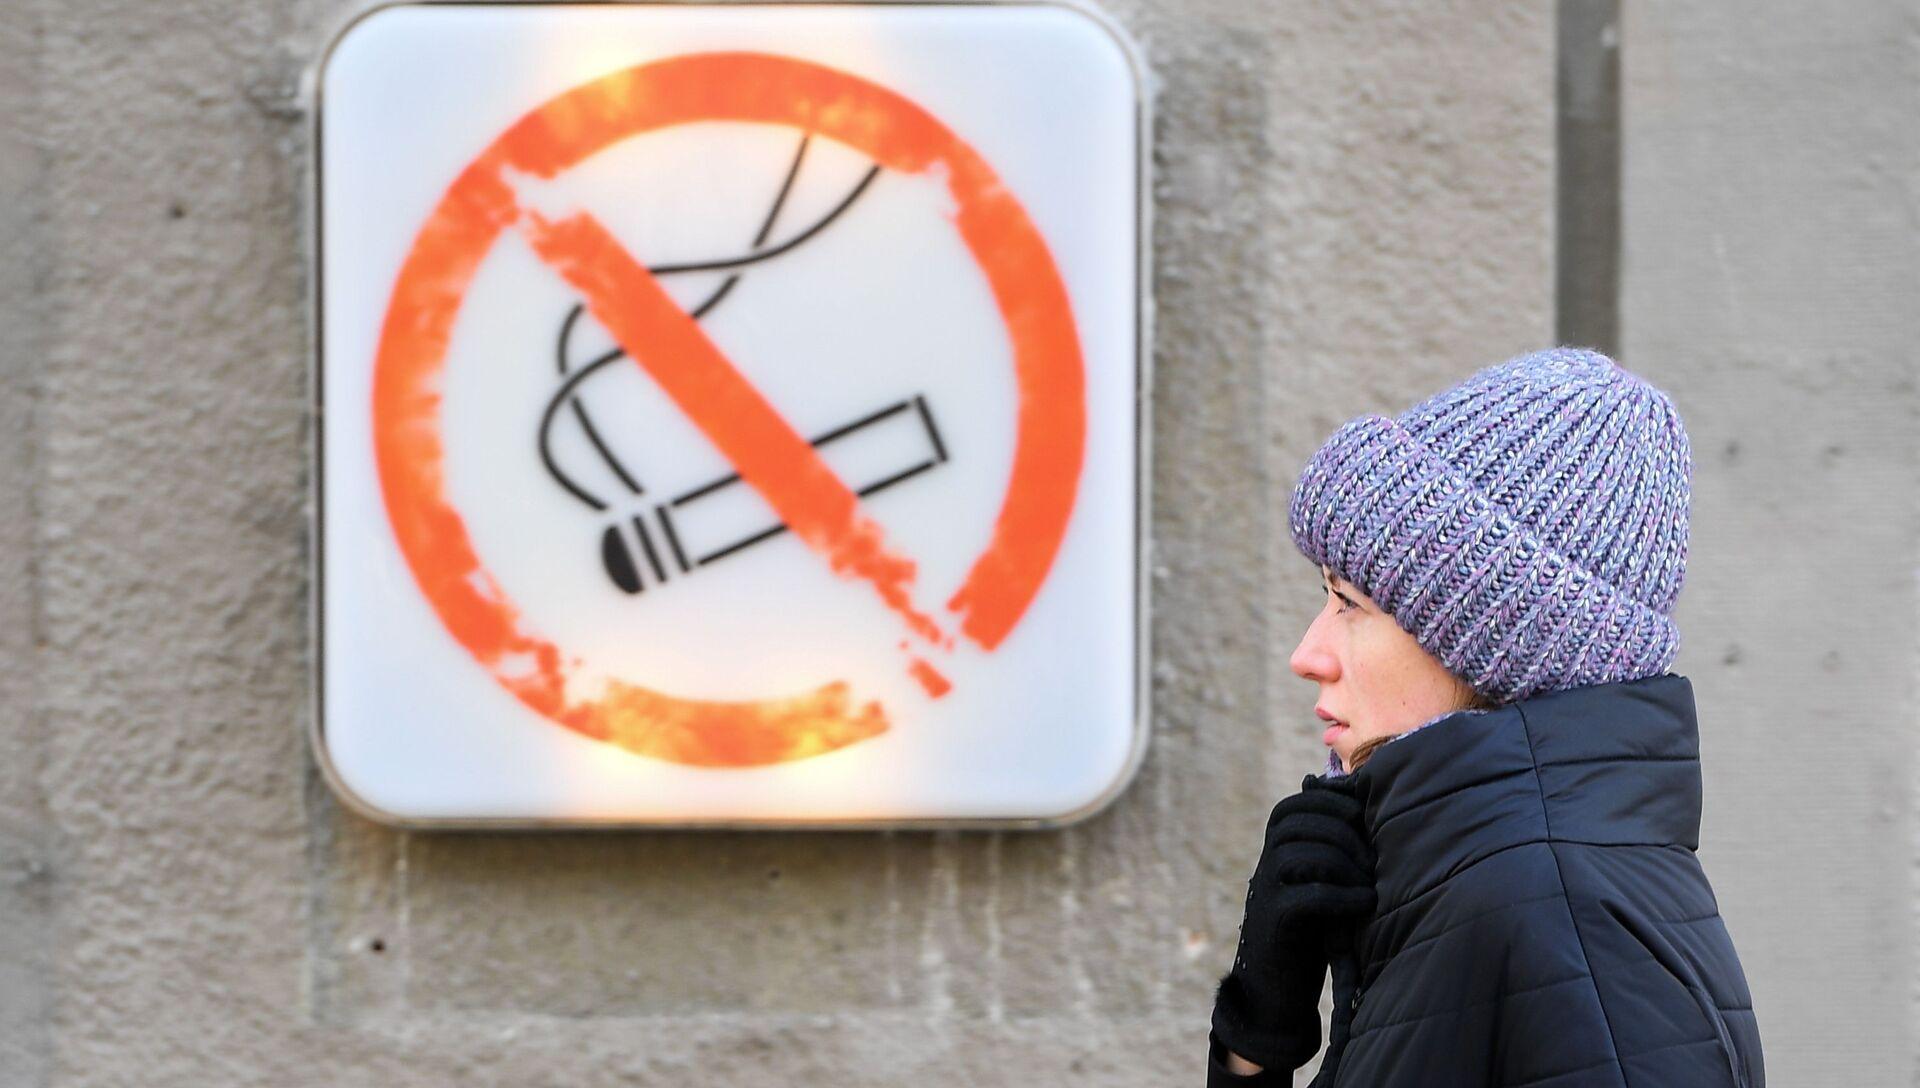 Женщина около таблички курение запрещено в Москве - РИА Новости, 1920, 13.11.2020